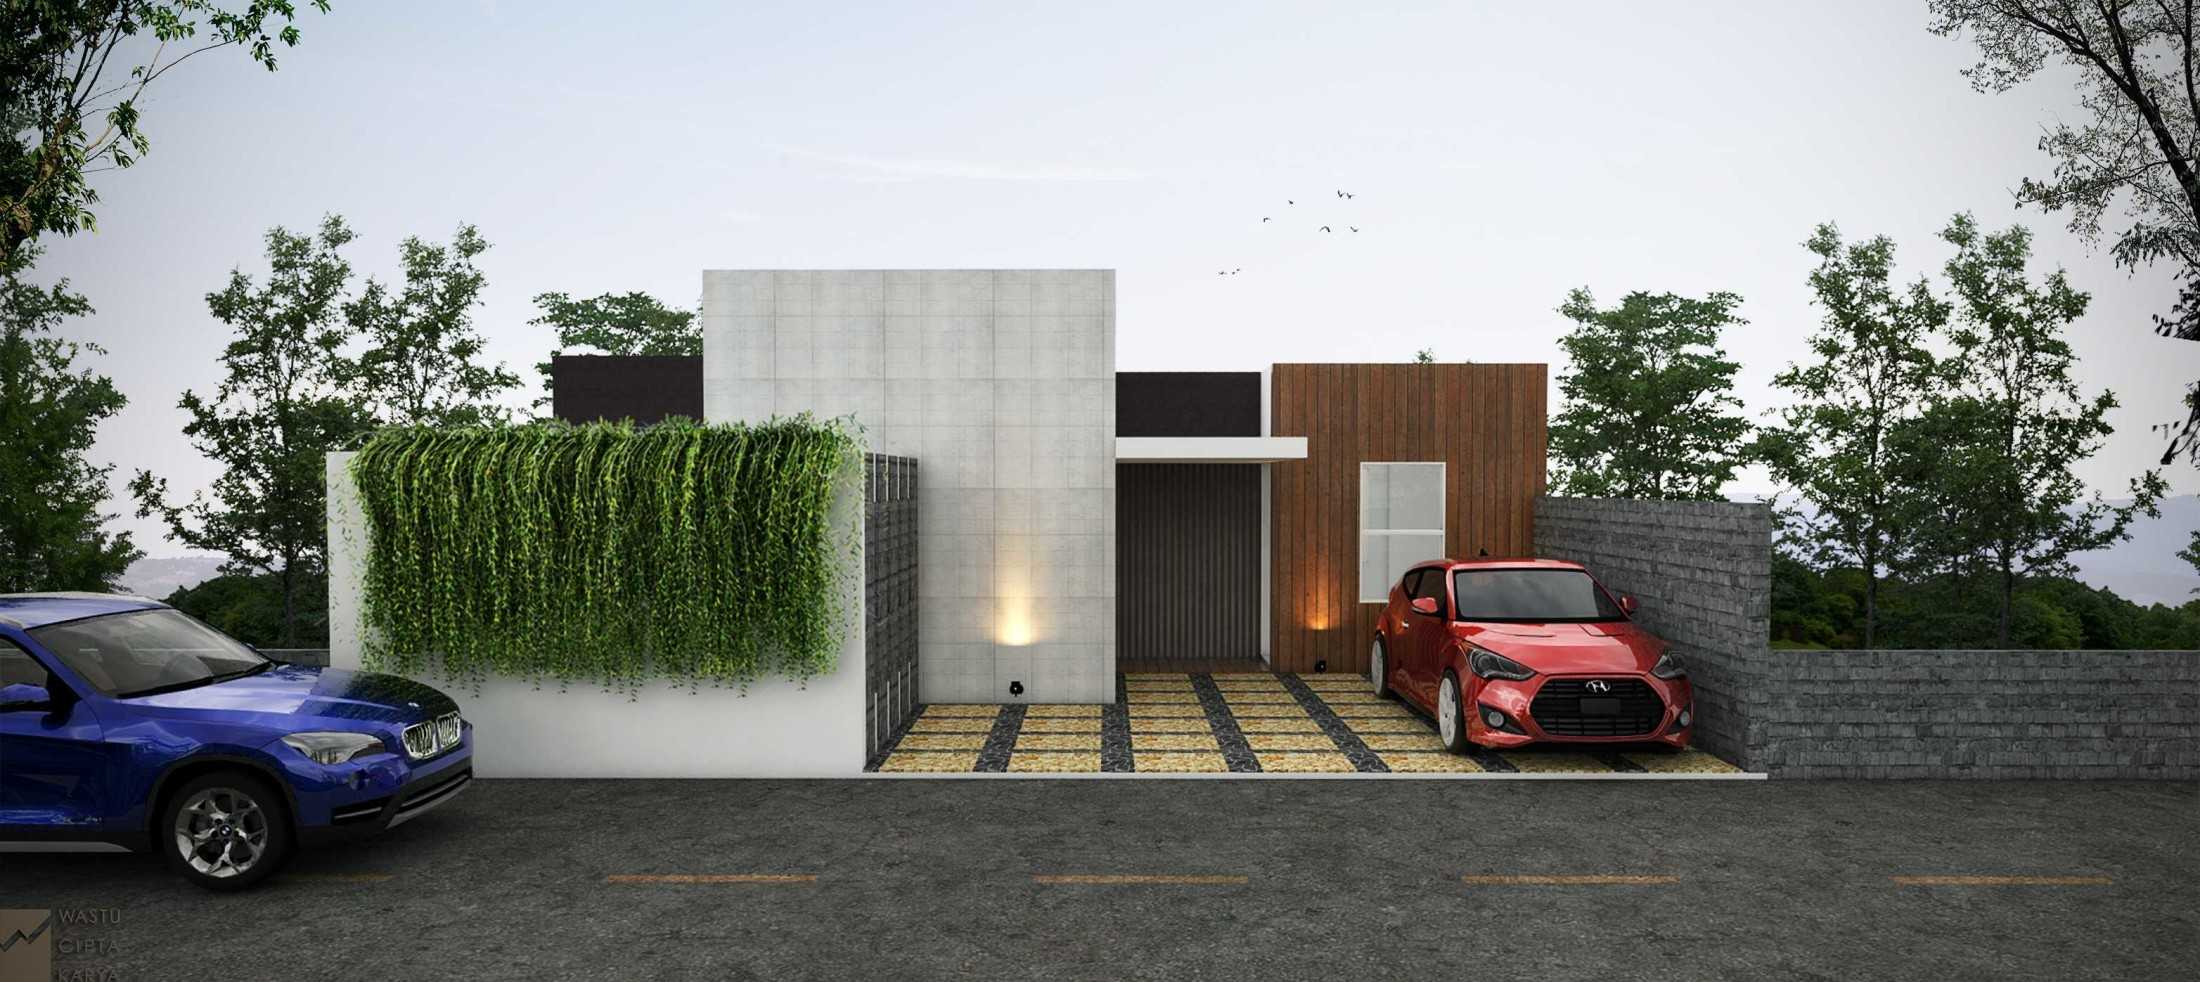 Jasa Arsitek Sabio Design di Tangerang Selatan